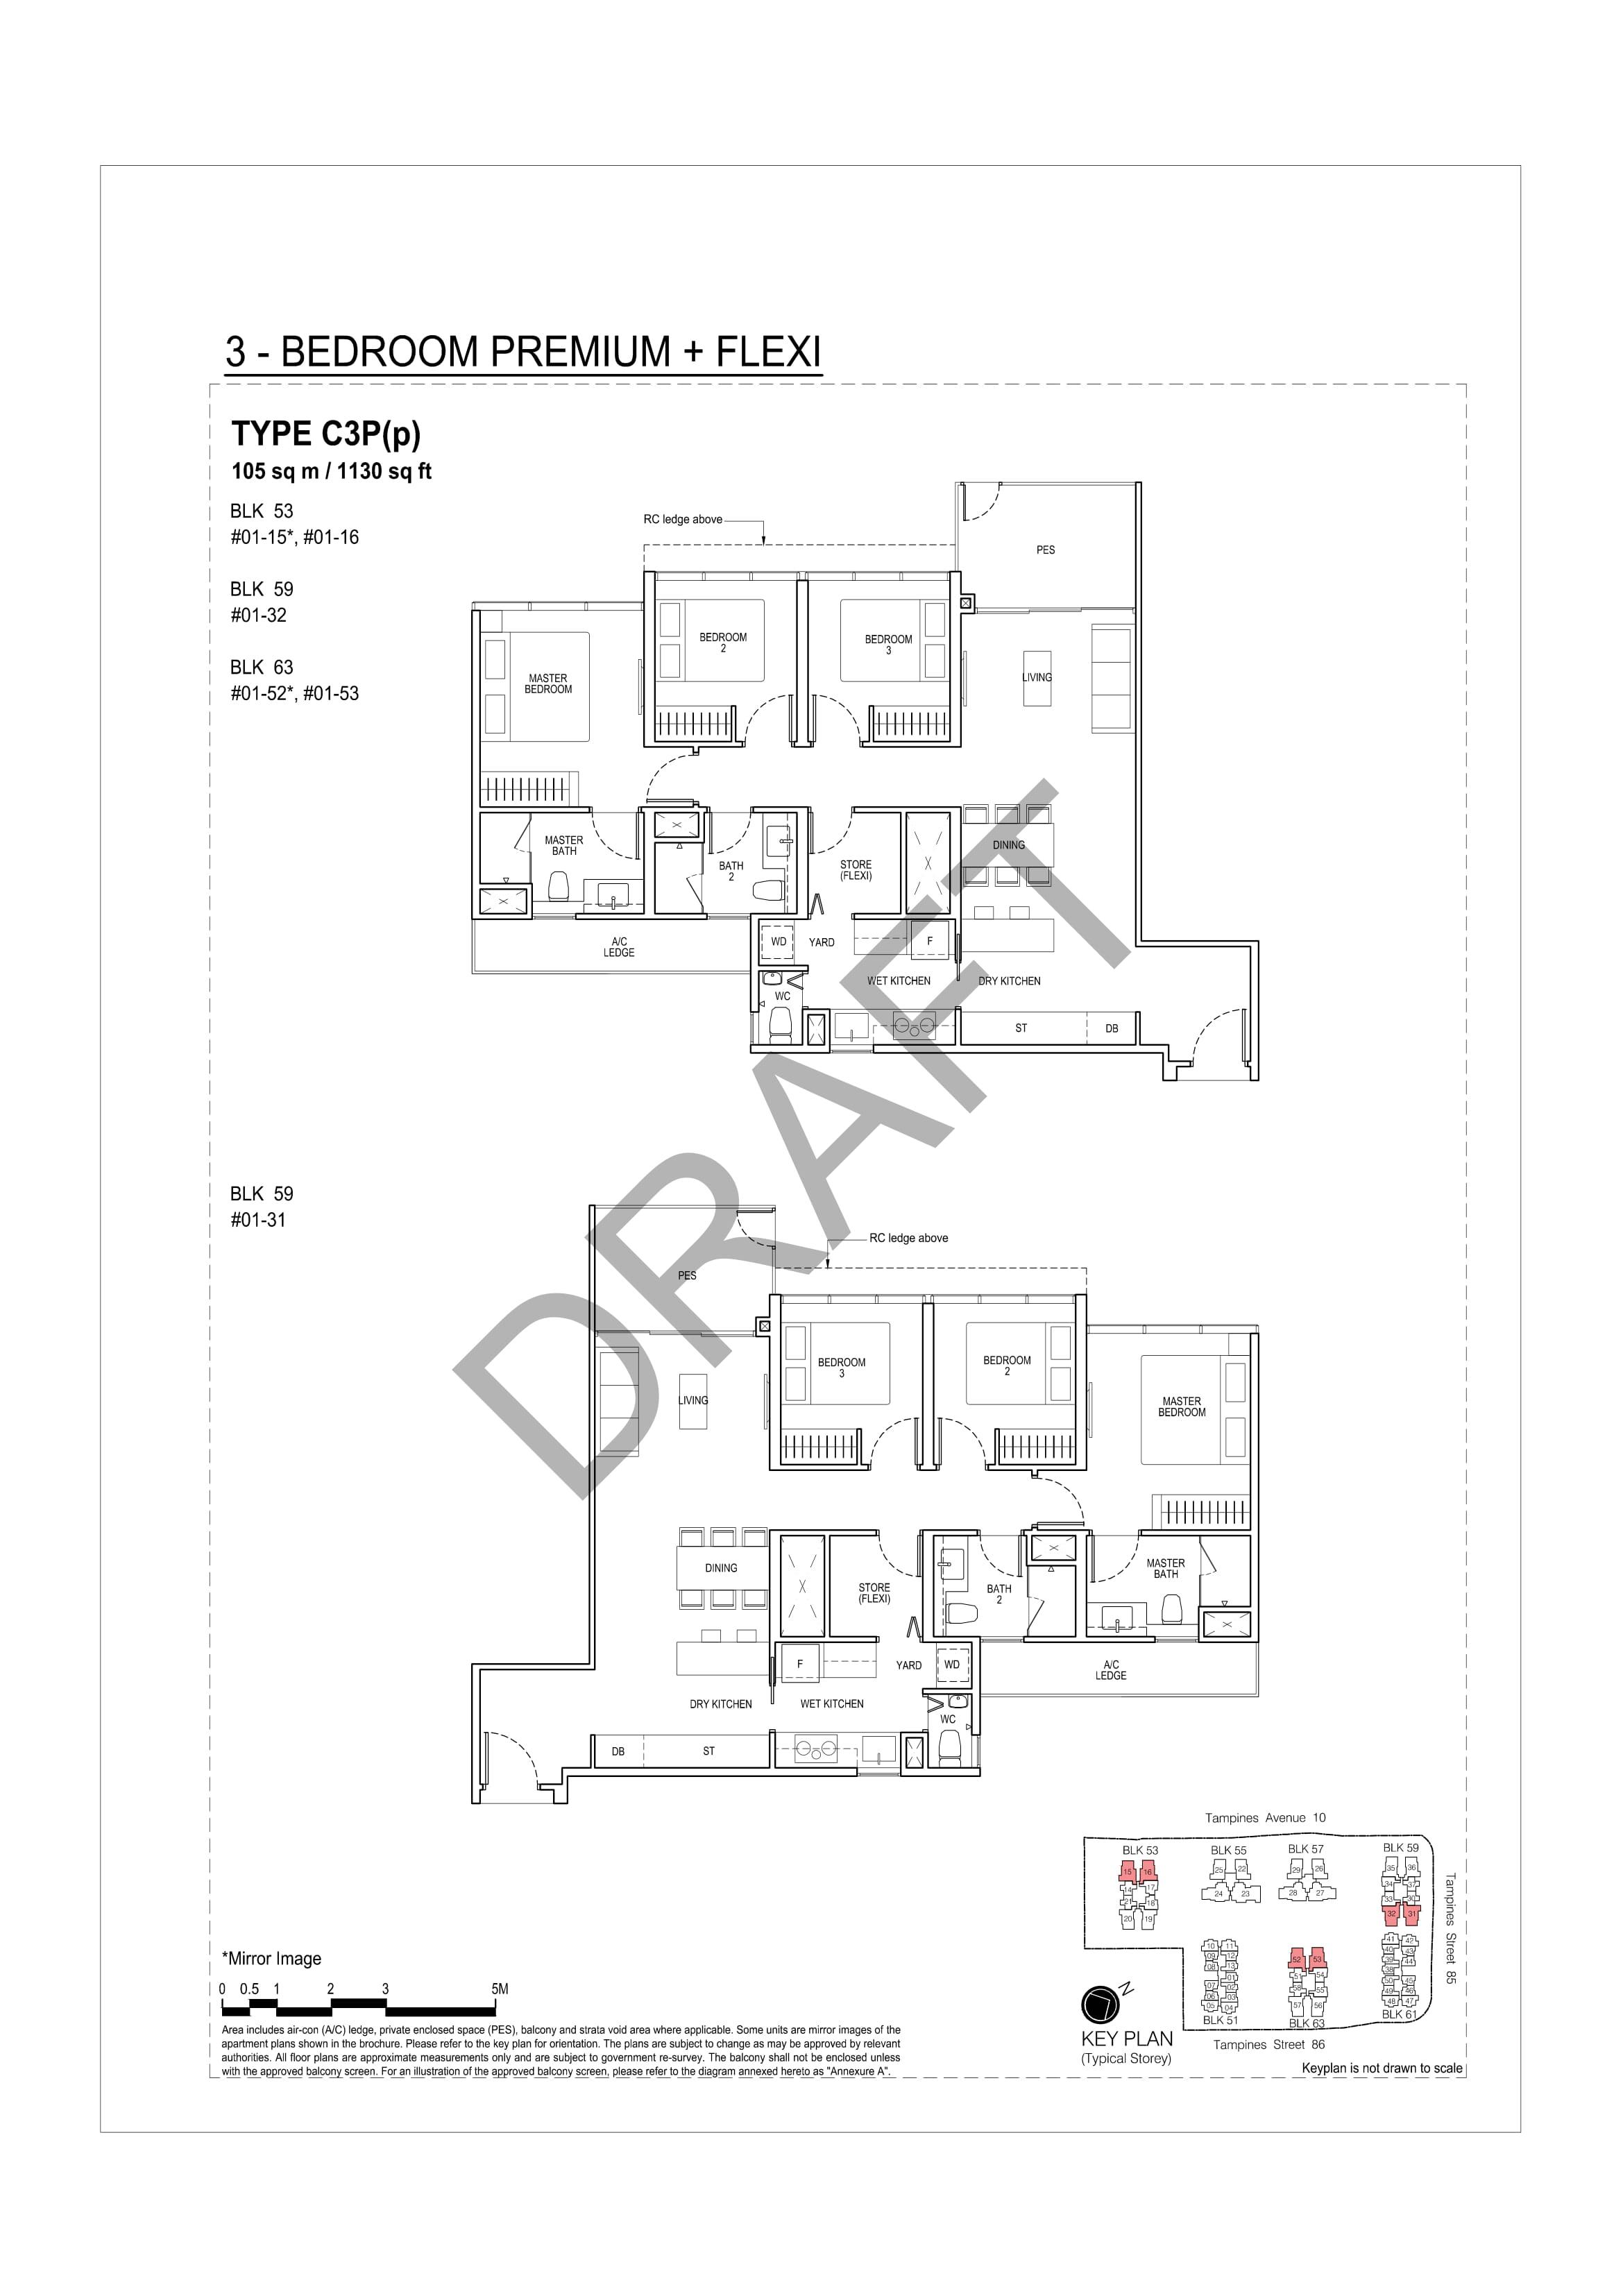 3 Bedroom Premium + Flexi A